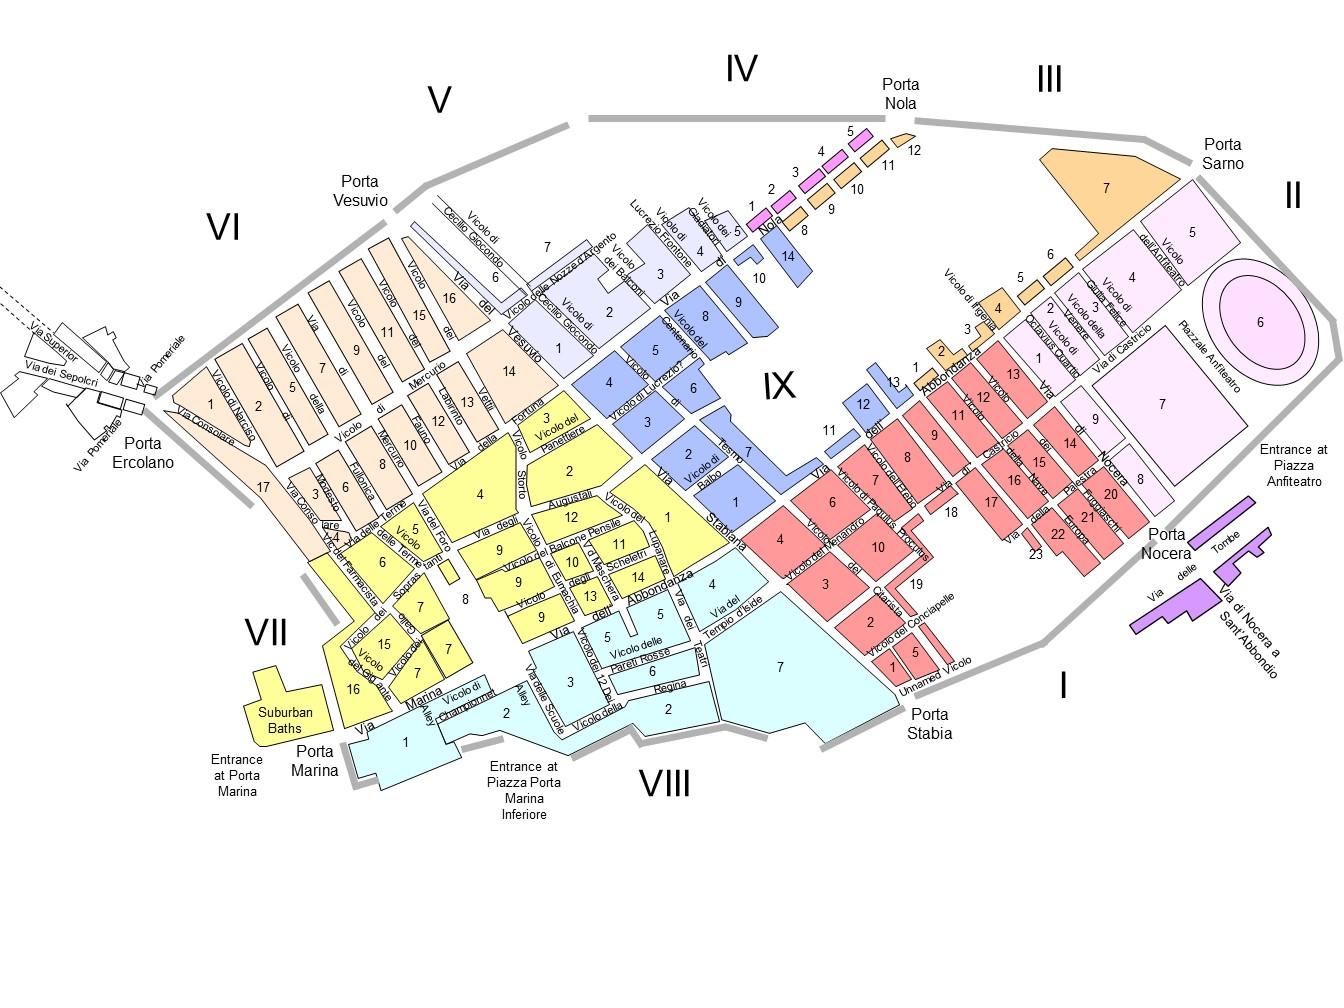 Pompeii Street View Plan